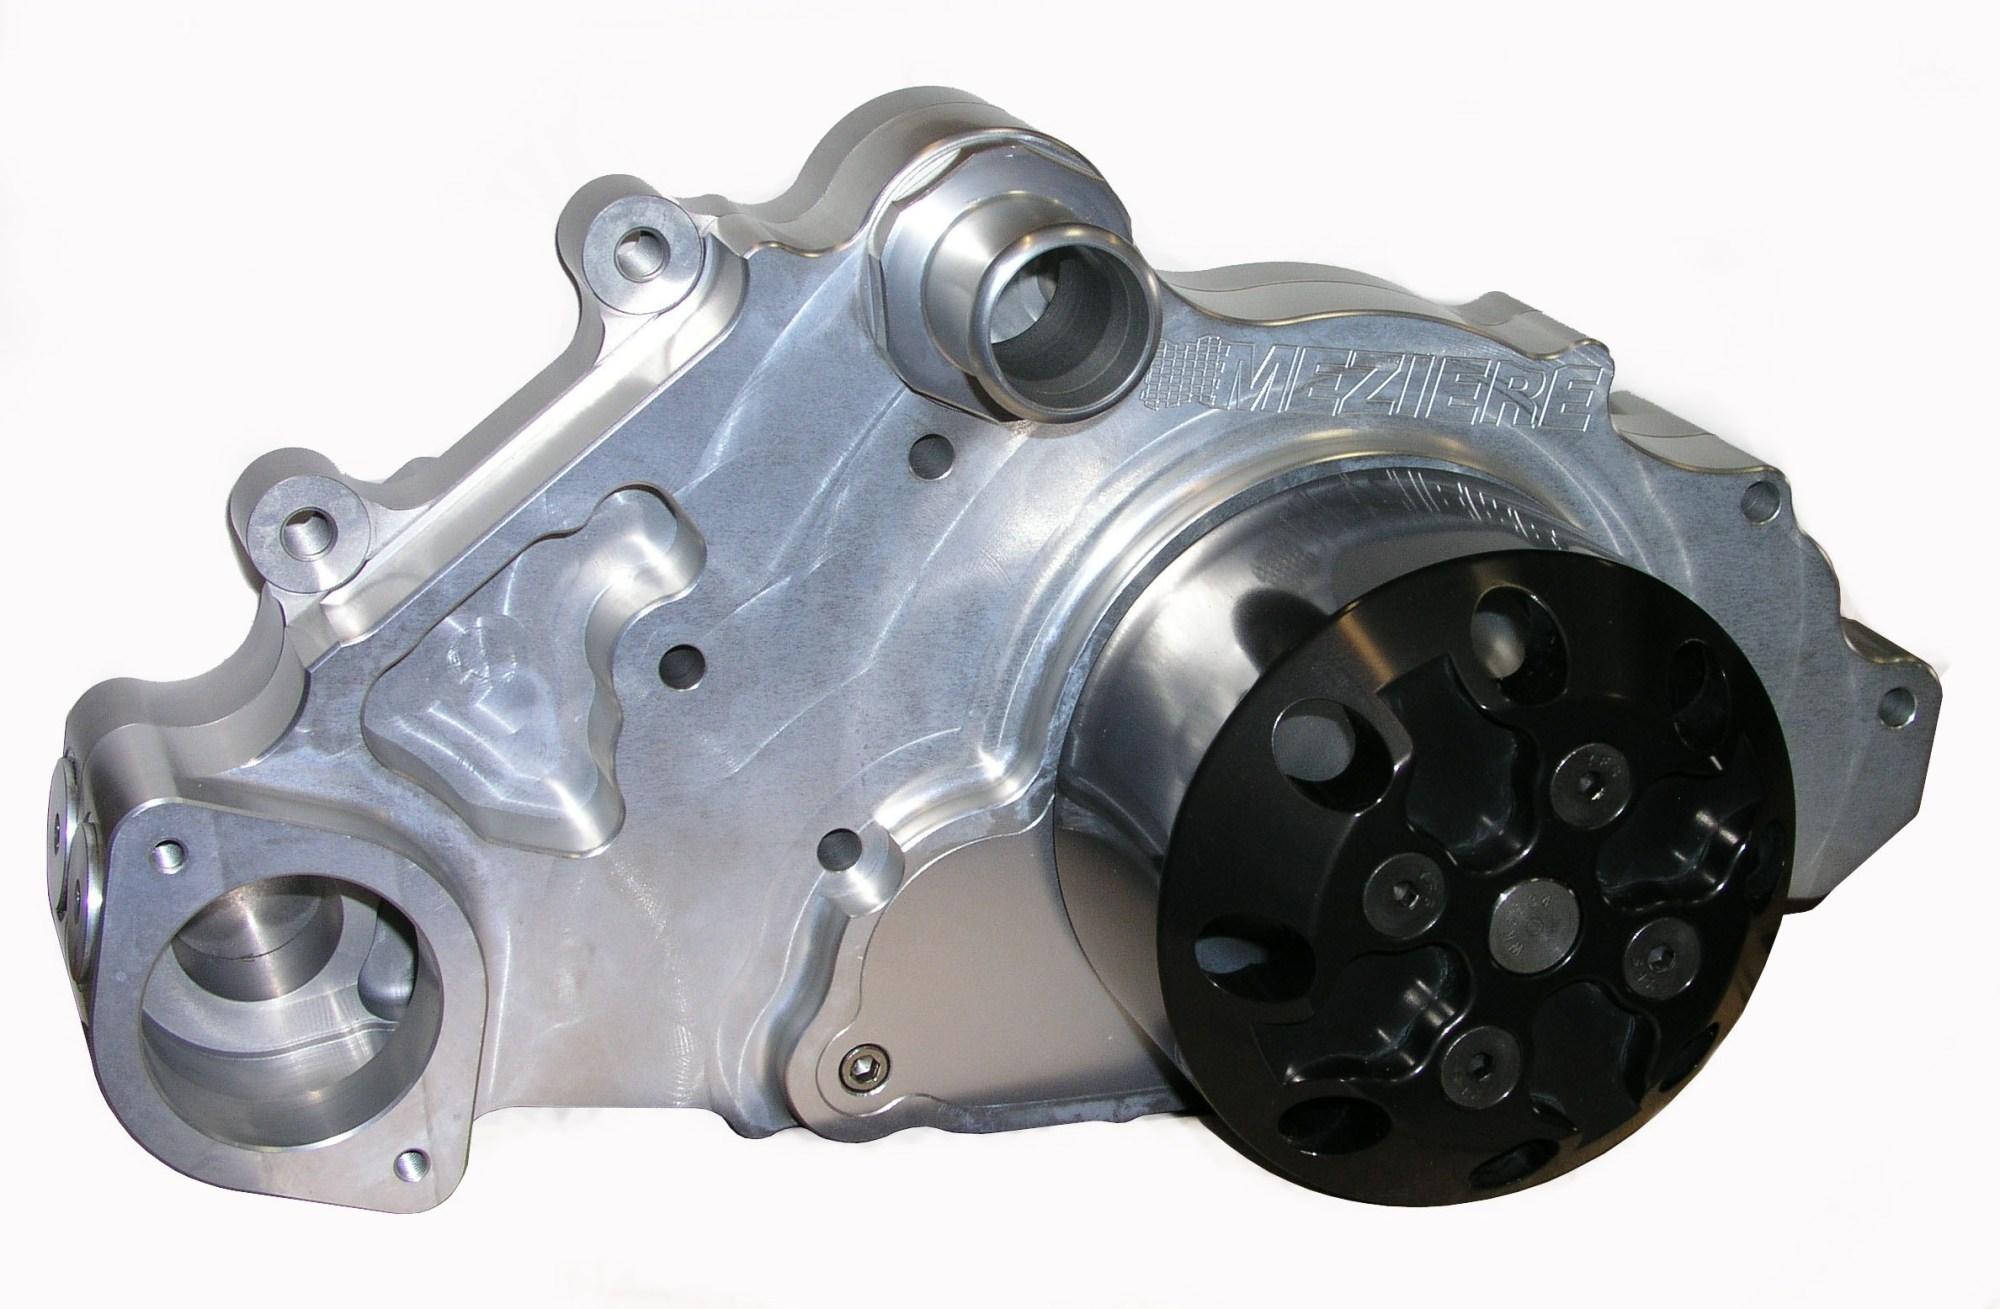 hight resolution of mechanical pump gm lsx high flow std rotation